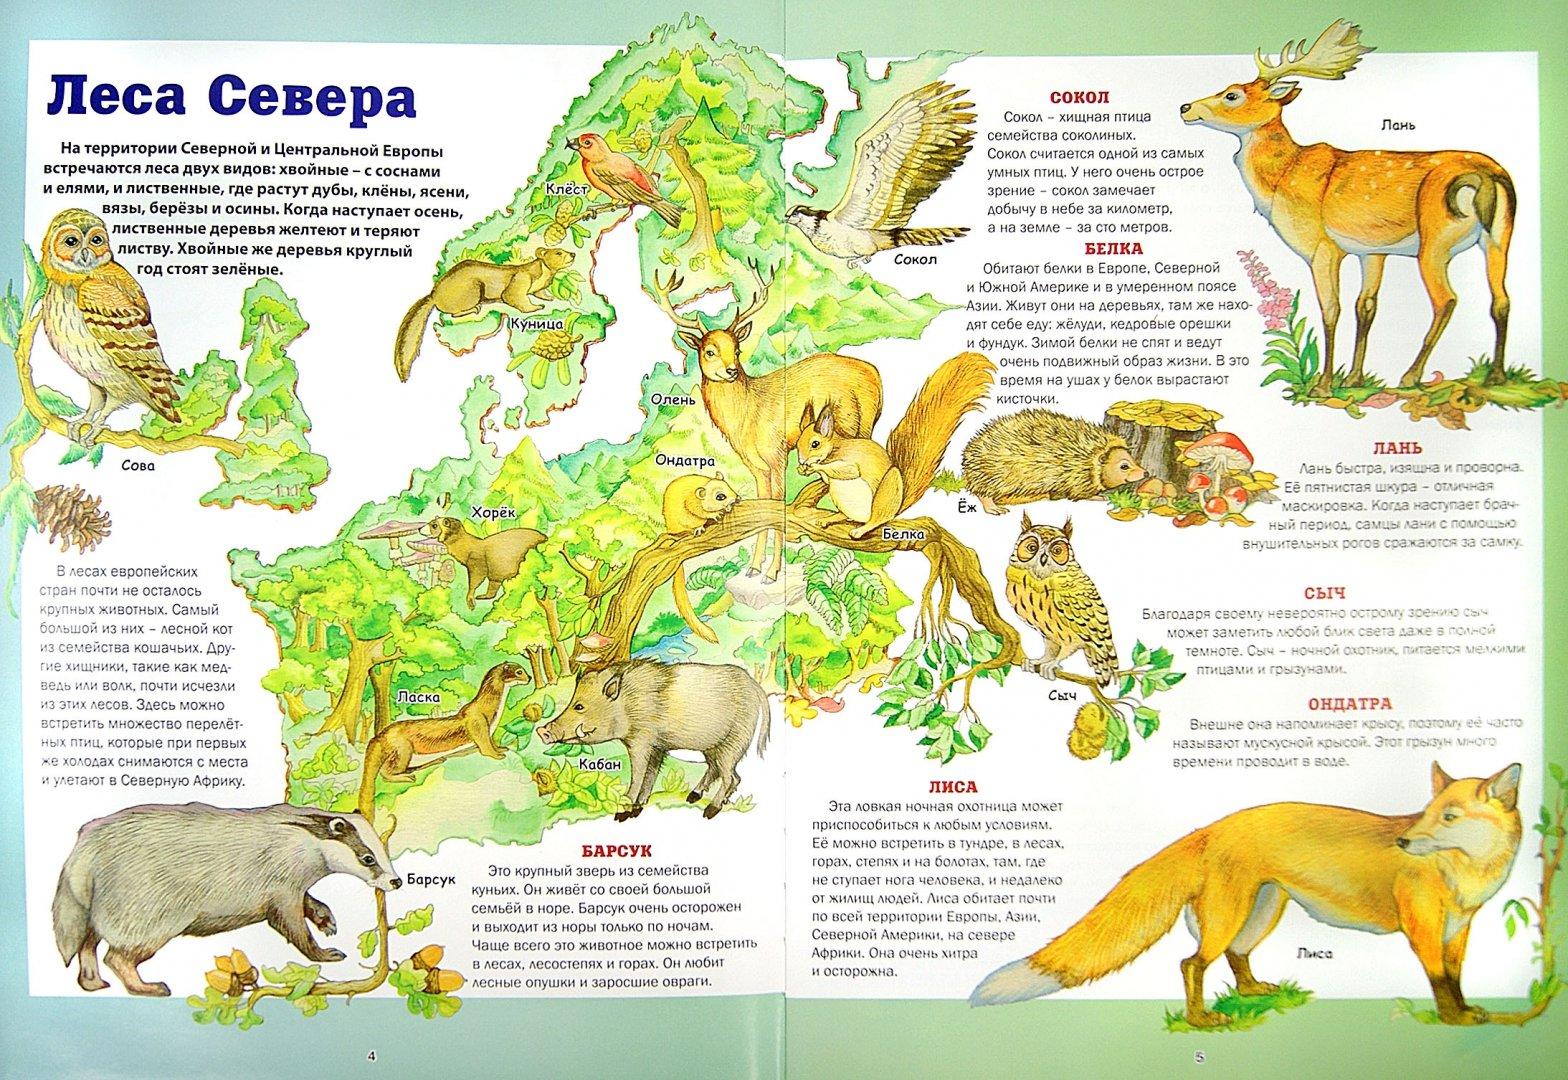 Иллюстрация 1 из 6 для Атлас животных планеты Земля - Анита Анселми | Лабиринт - книги. Источник: Лабиринт